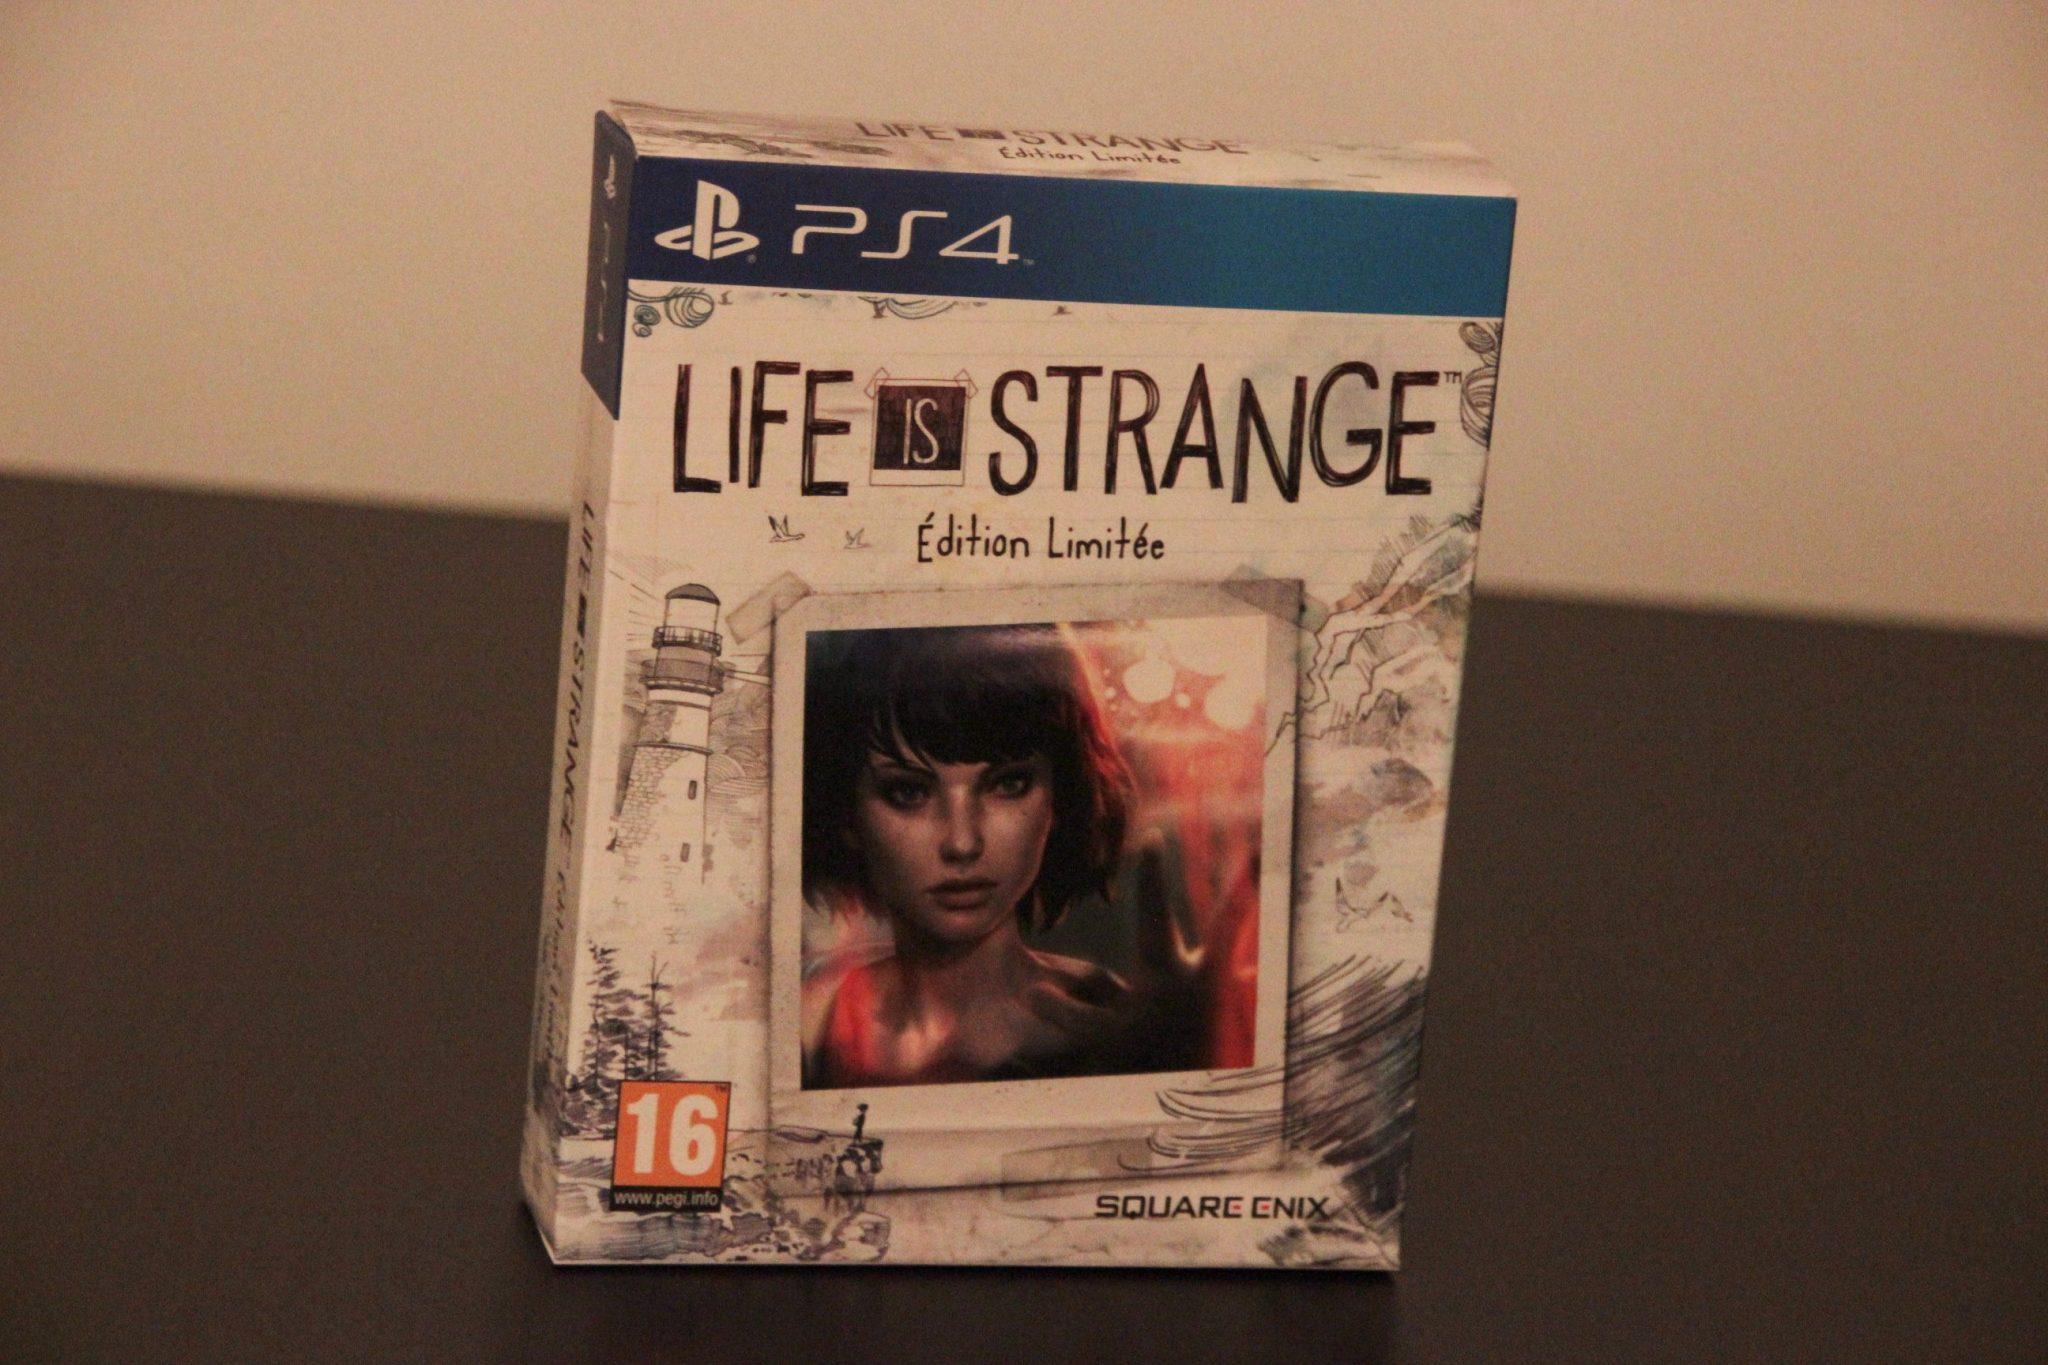 Edition limitée de Life Is Strange